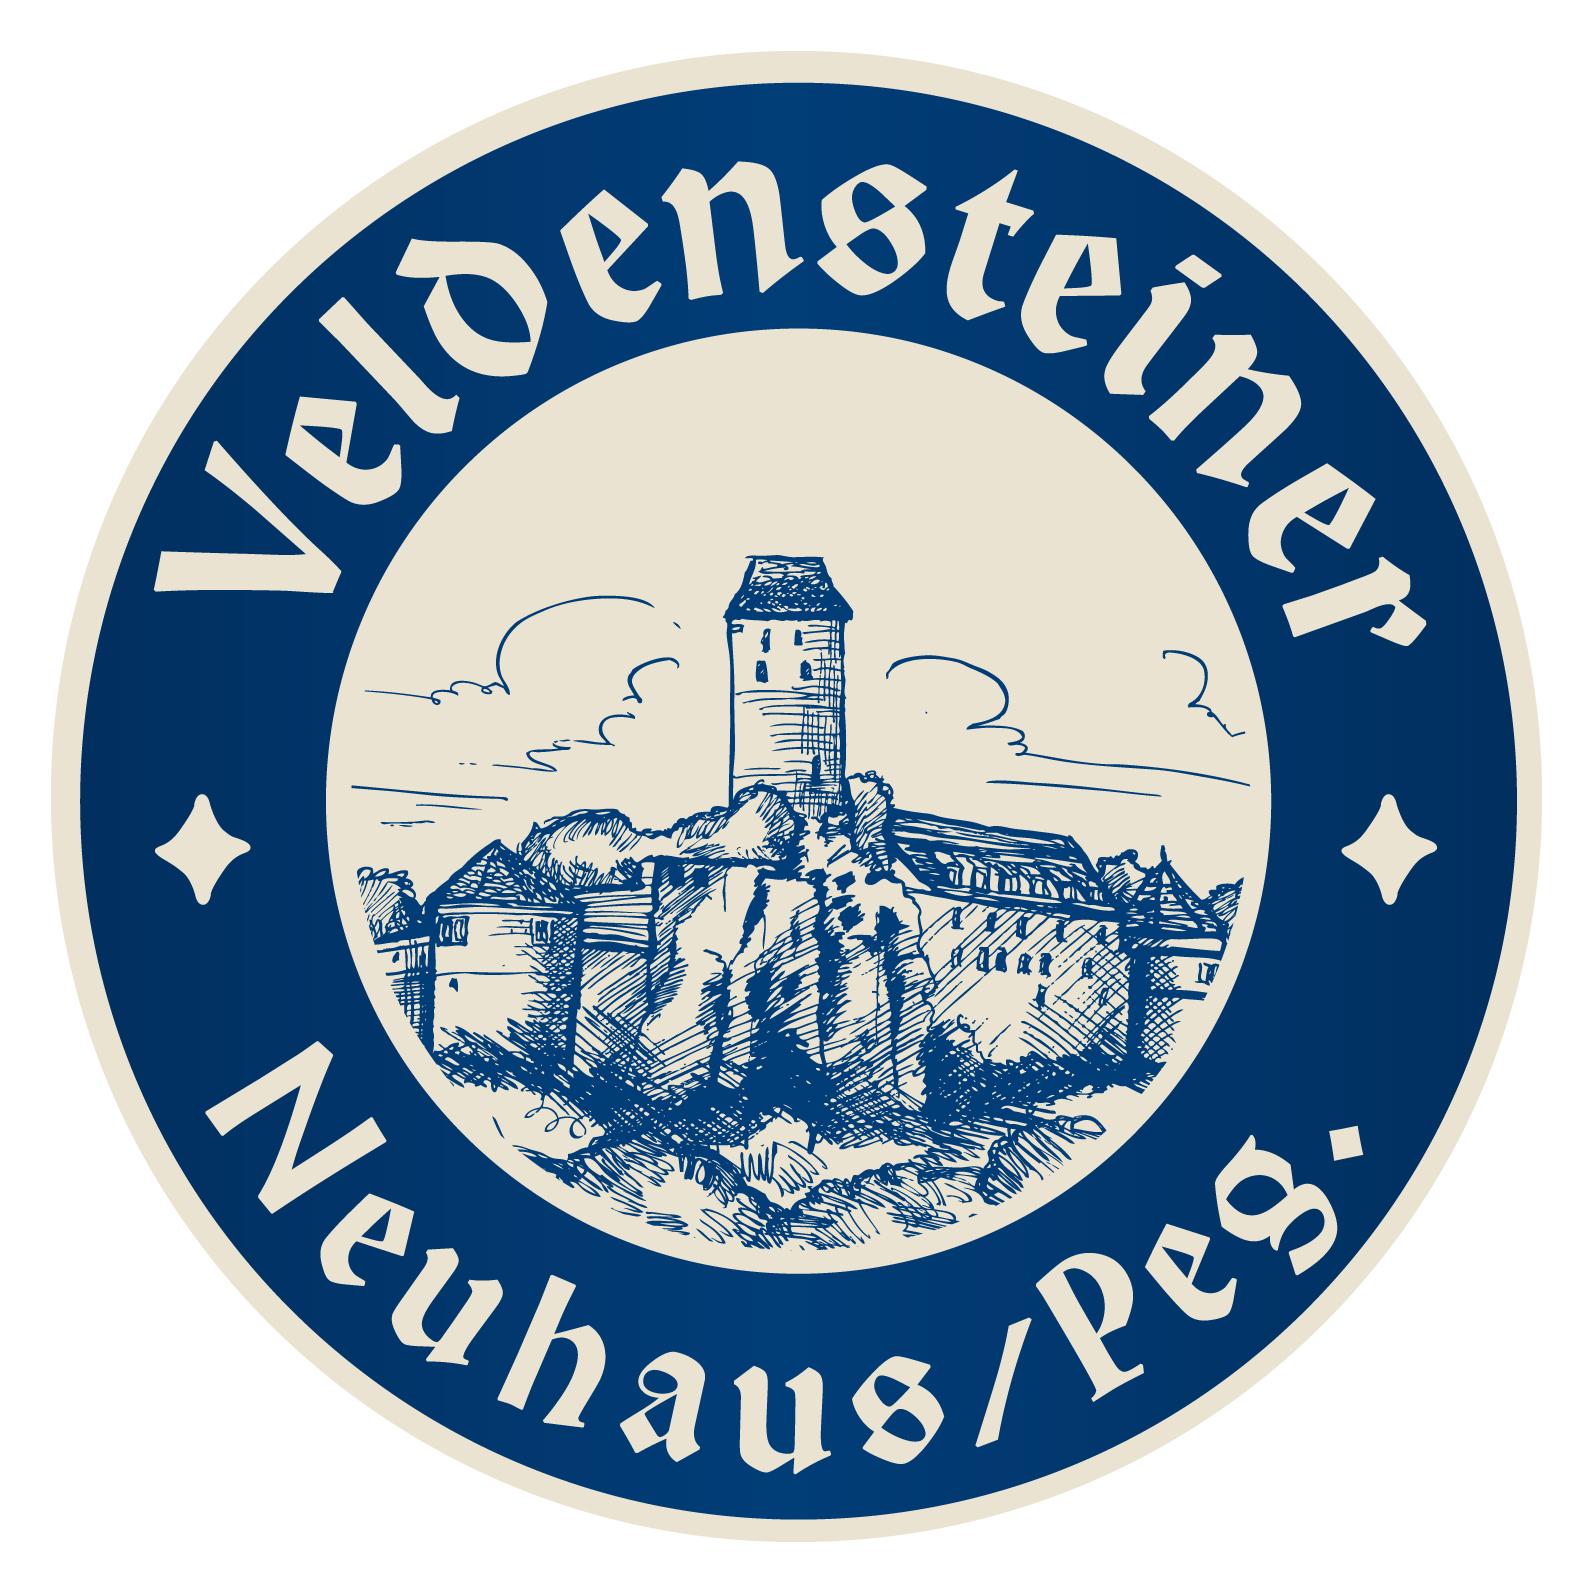 Veldensteiner_logo_retro_2017.jpg